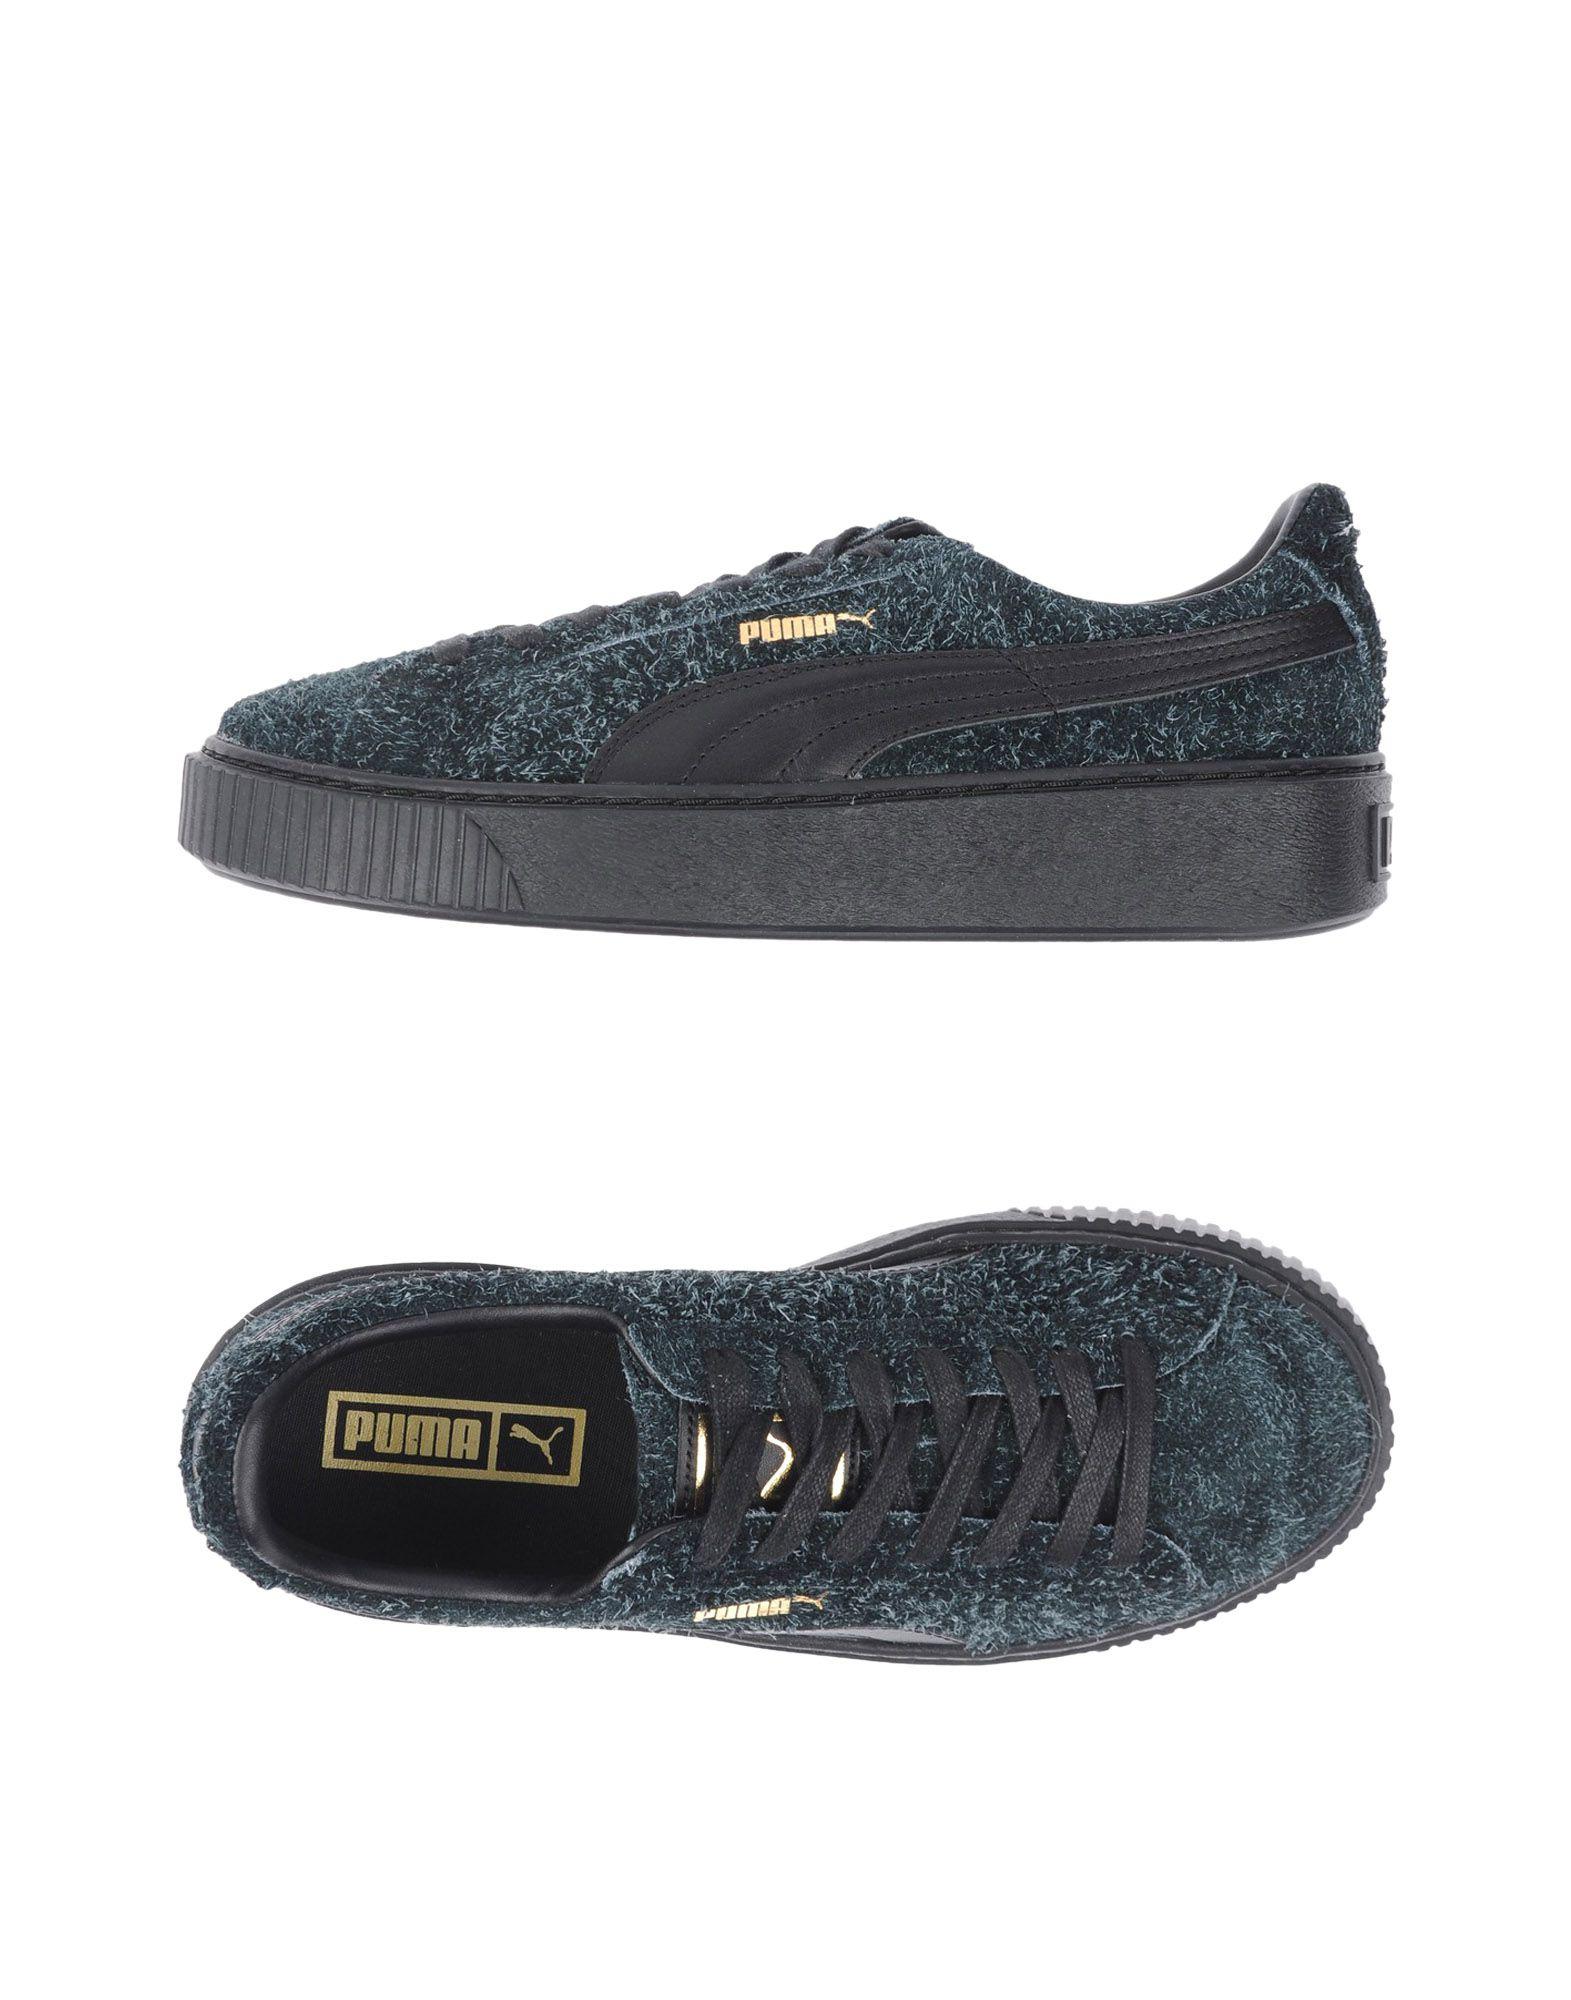 Puma Suede Platform Elemental beliebte  11137146AD Gute Qualität beliebte Elemental Schuhe b8d5db